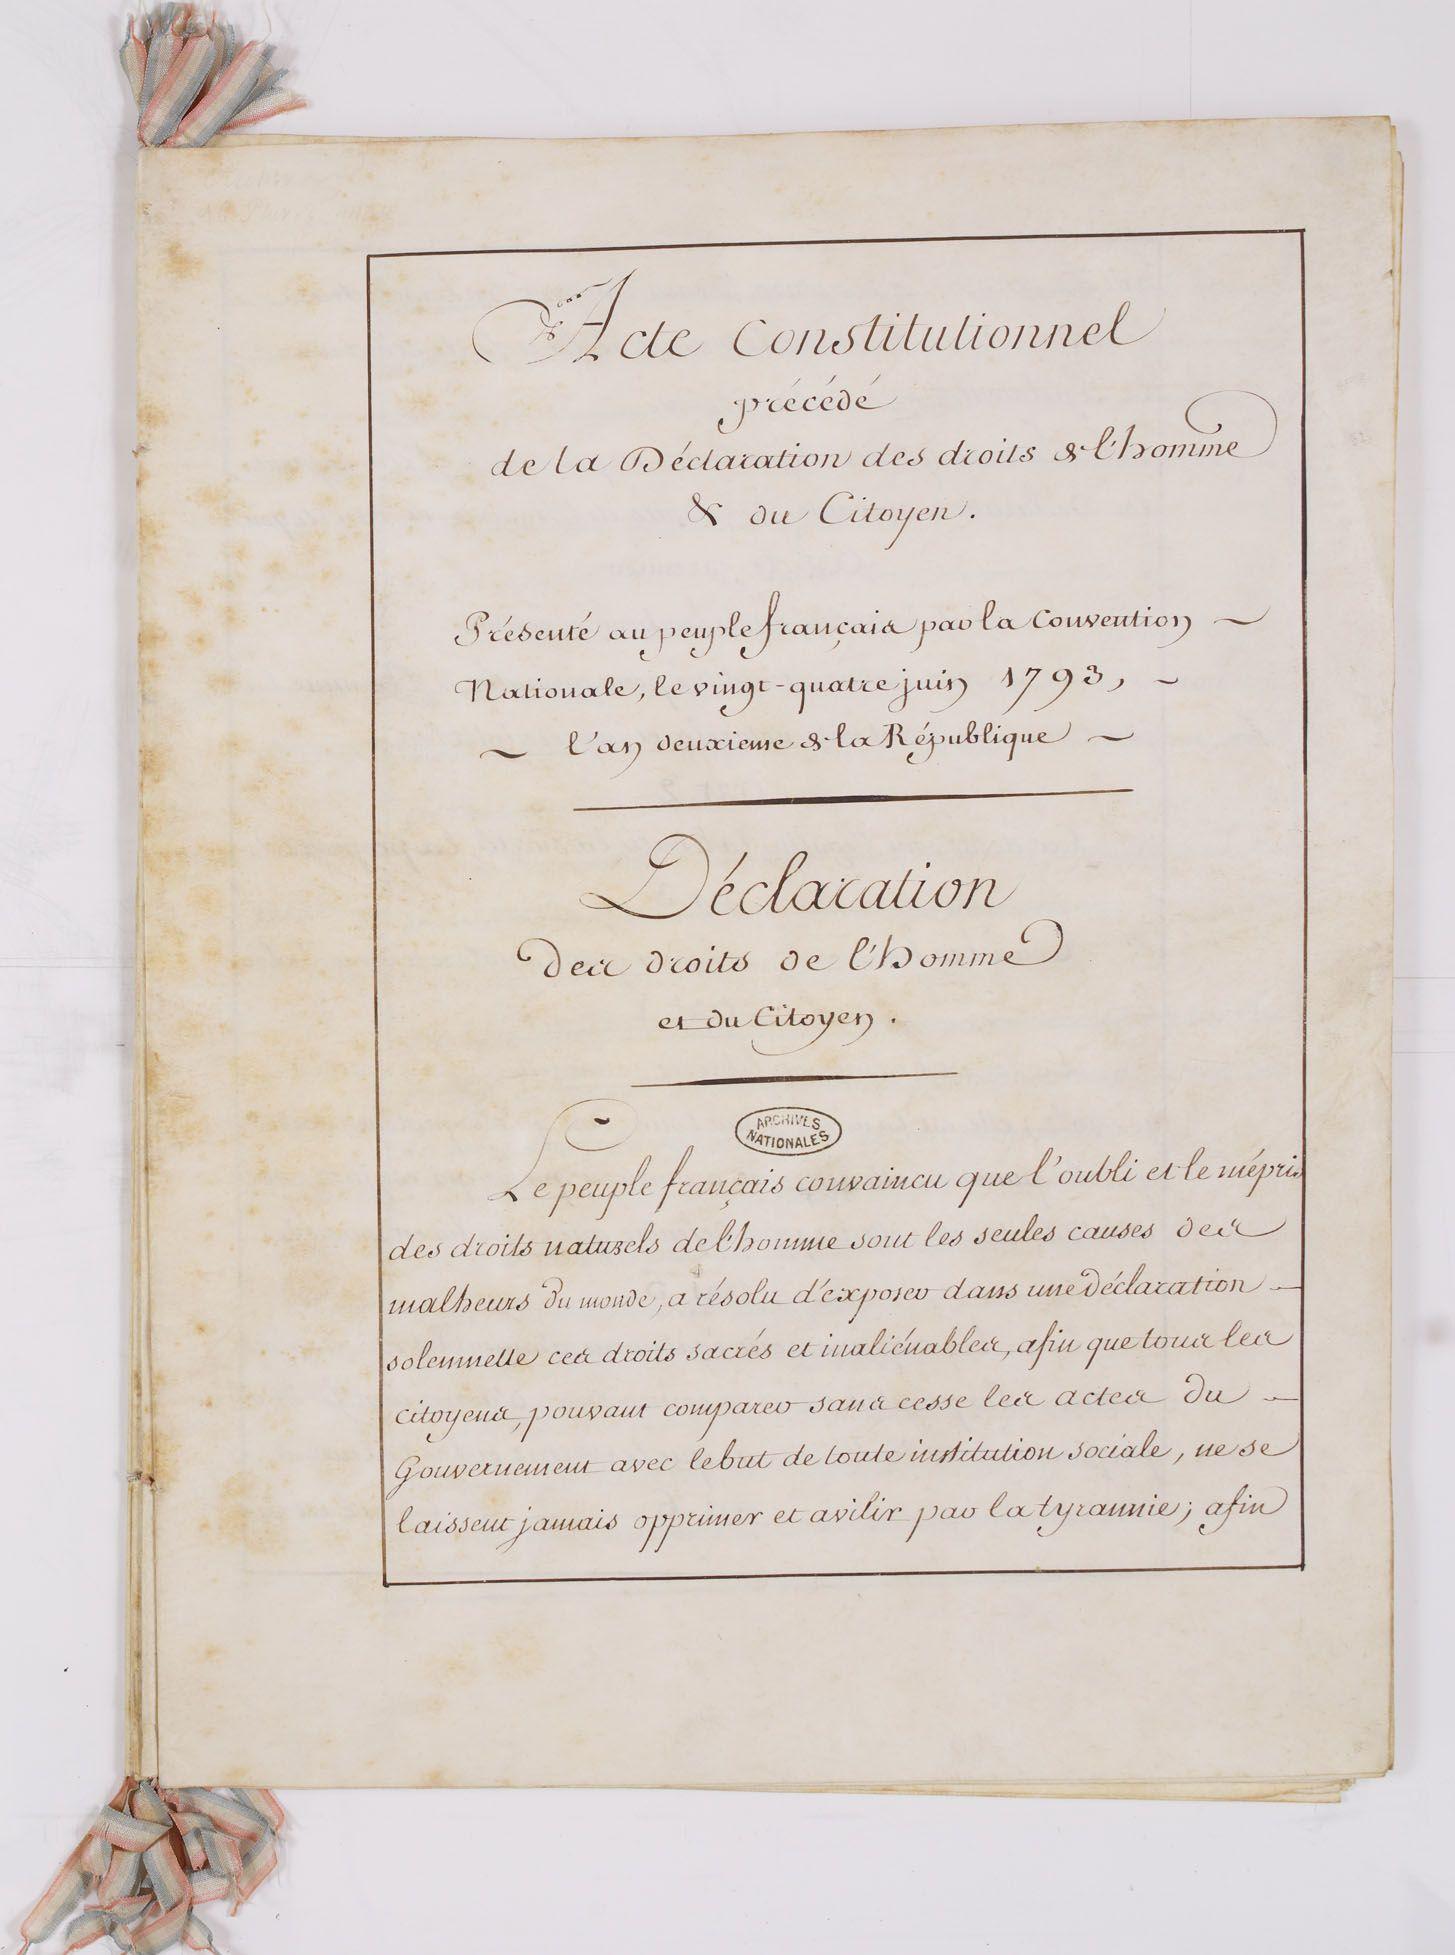 Constitution De 1793 Acte Constitutionnel Du Peuple Francais Precede Du Rapport De La Convention Et De La Declaration Des Droits De L Homme E Storia Storie